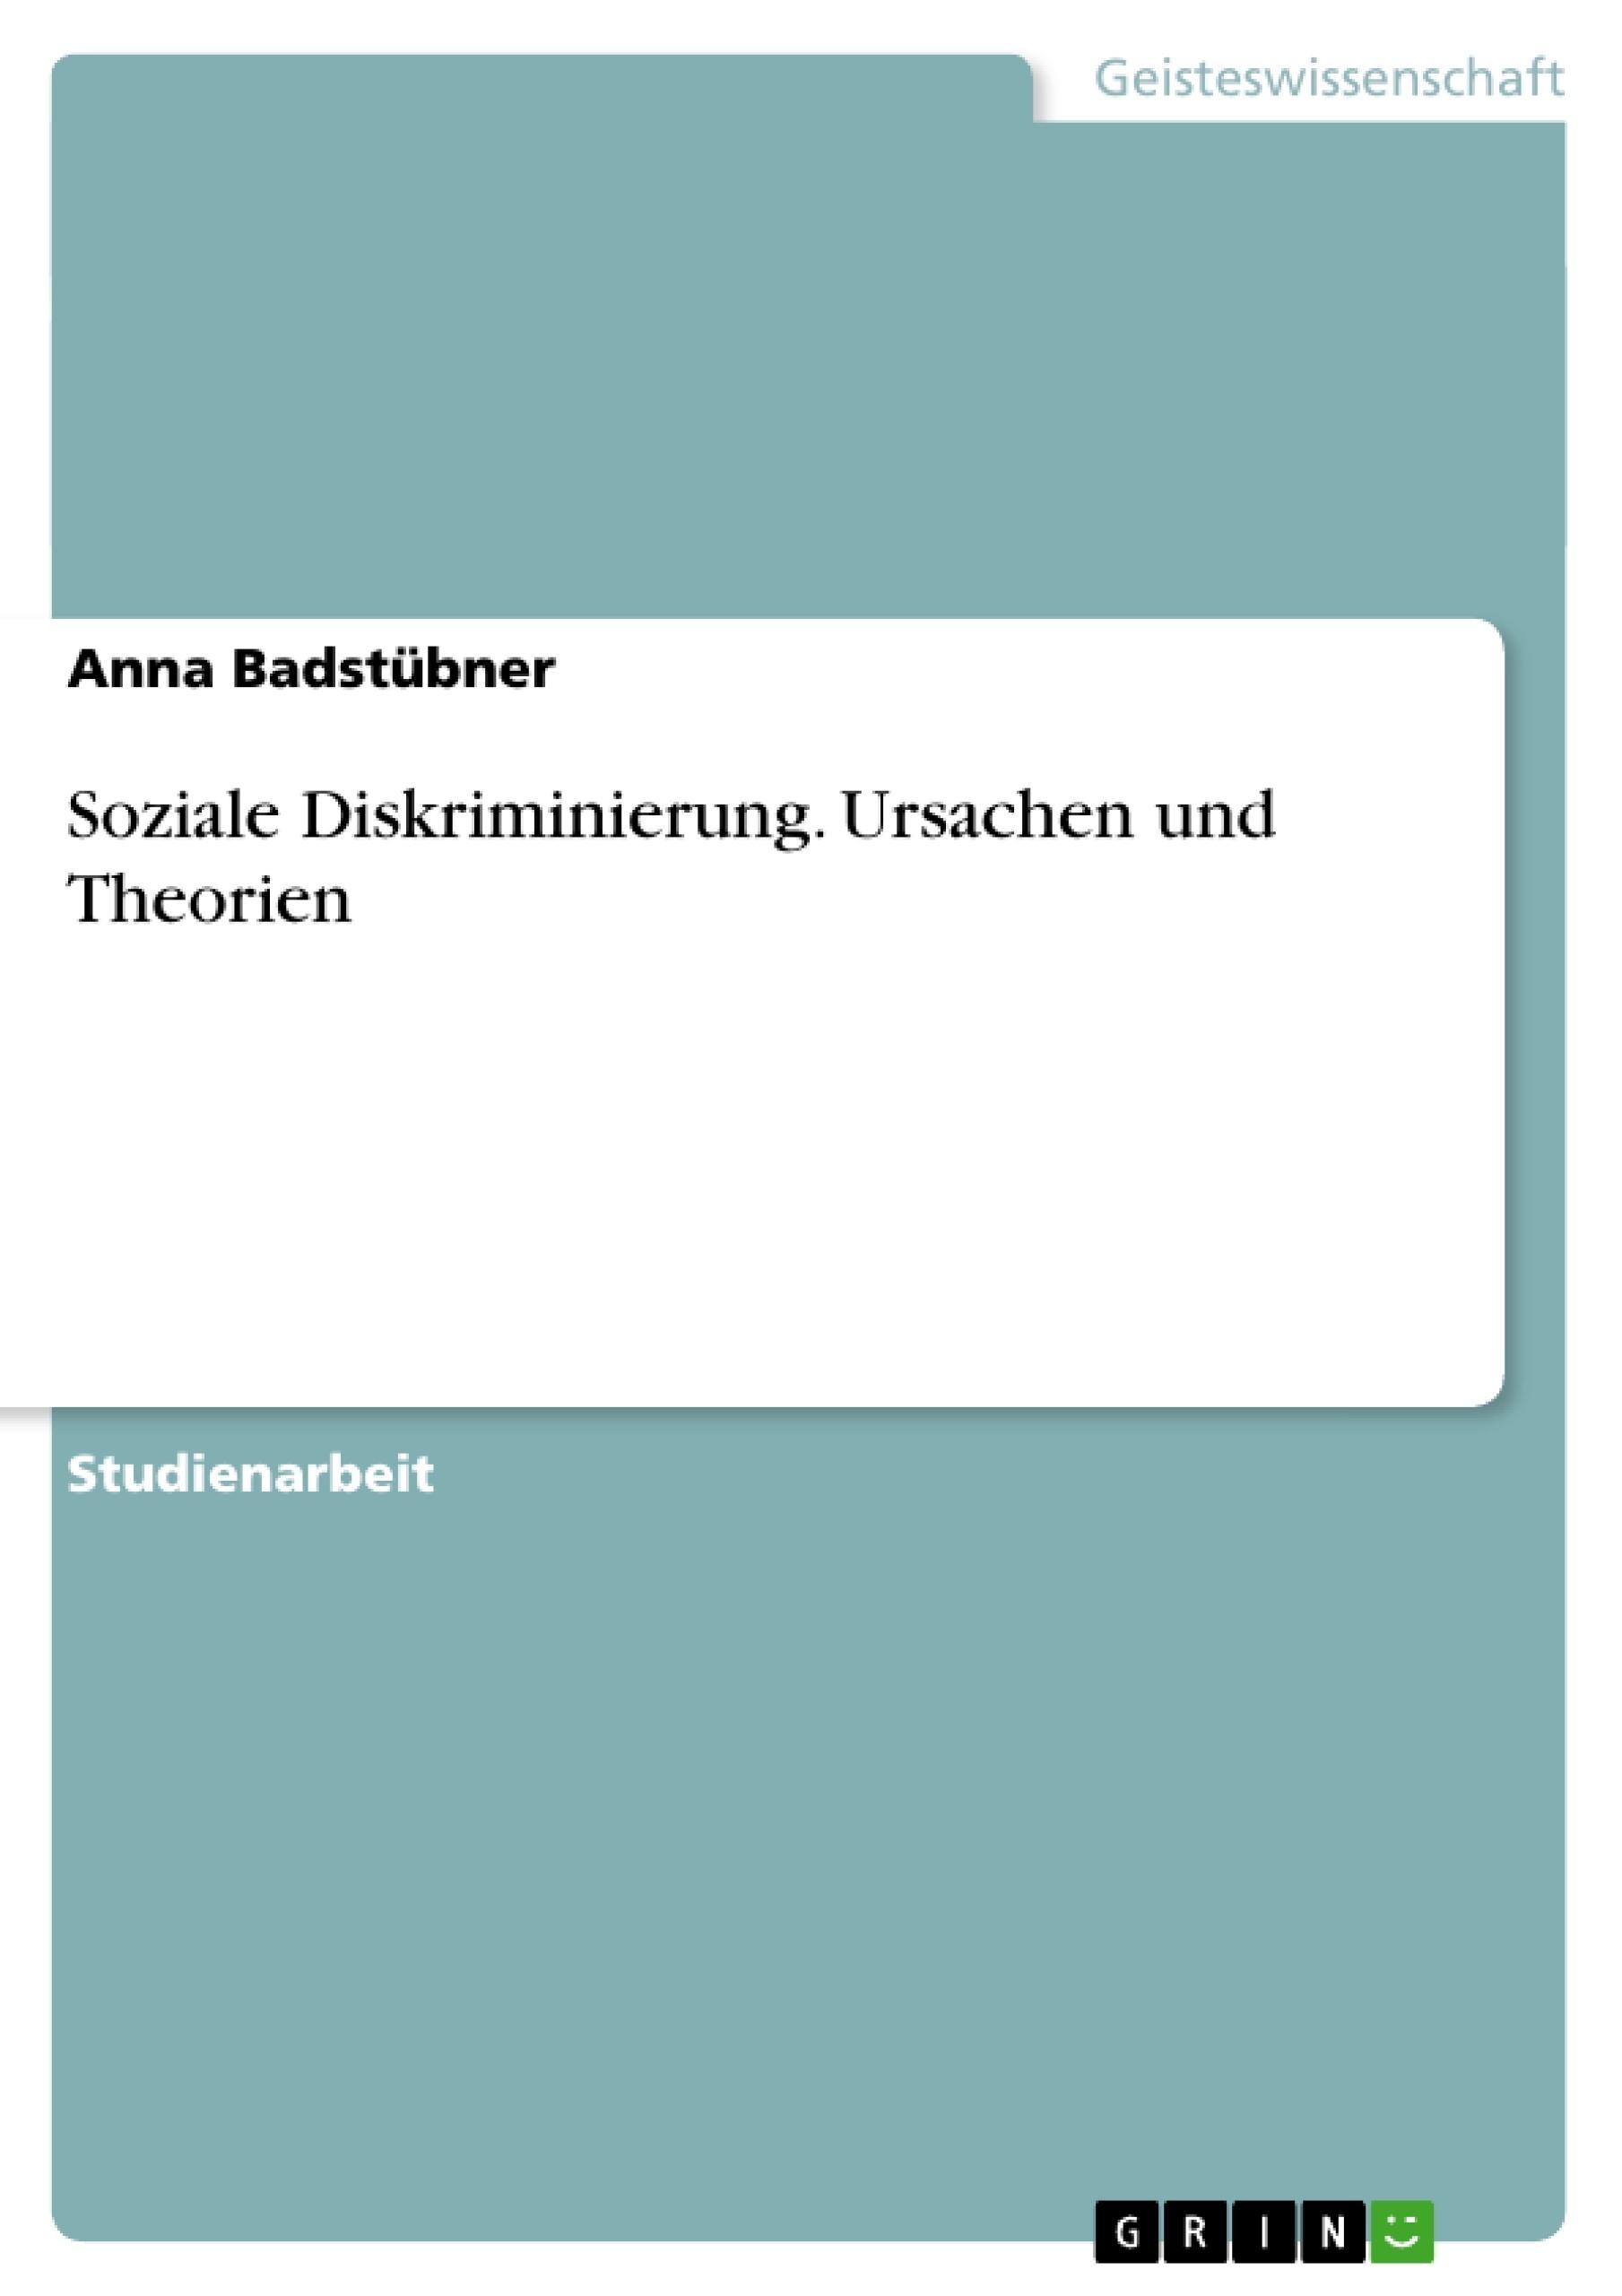 Titel: Soziale Diskriminierung. Ursachen und Theorien